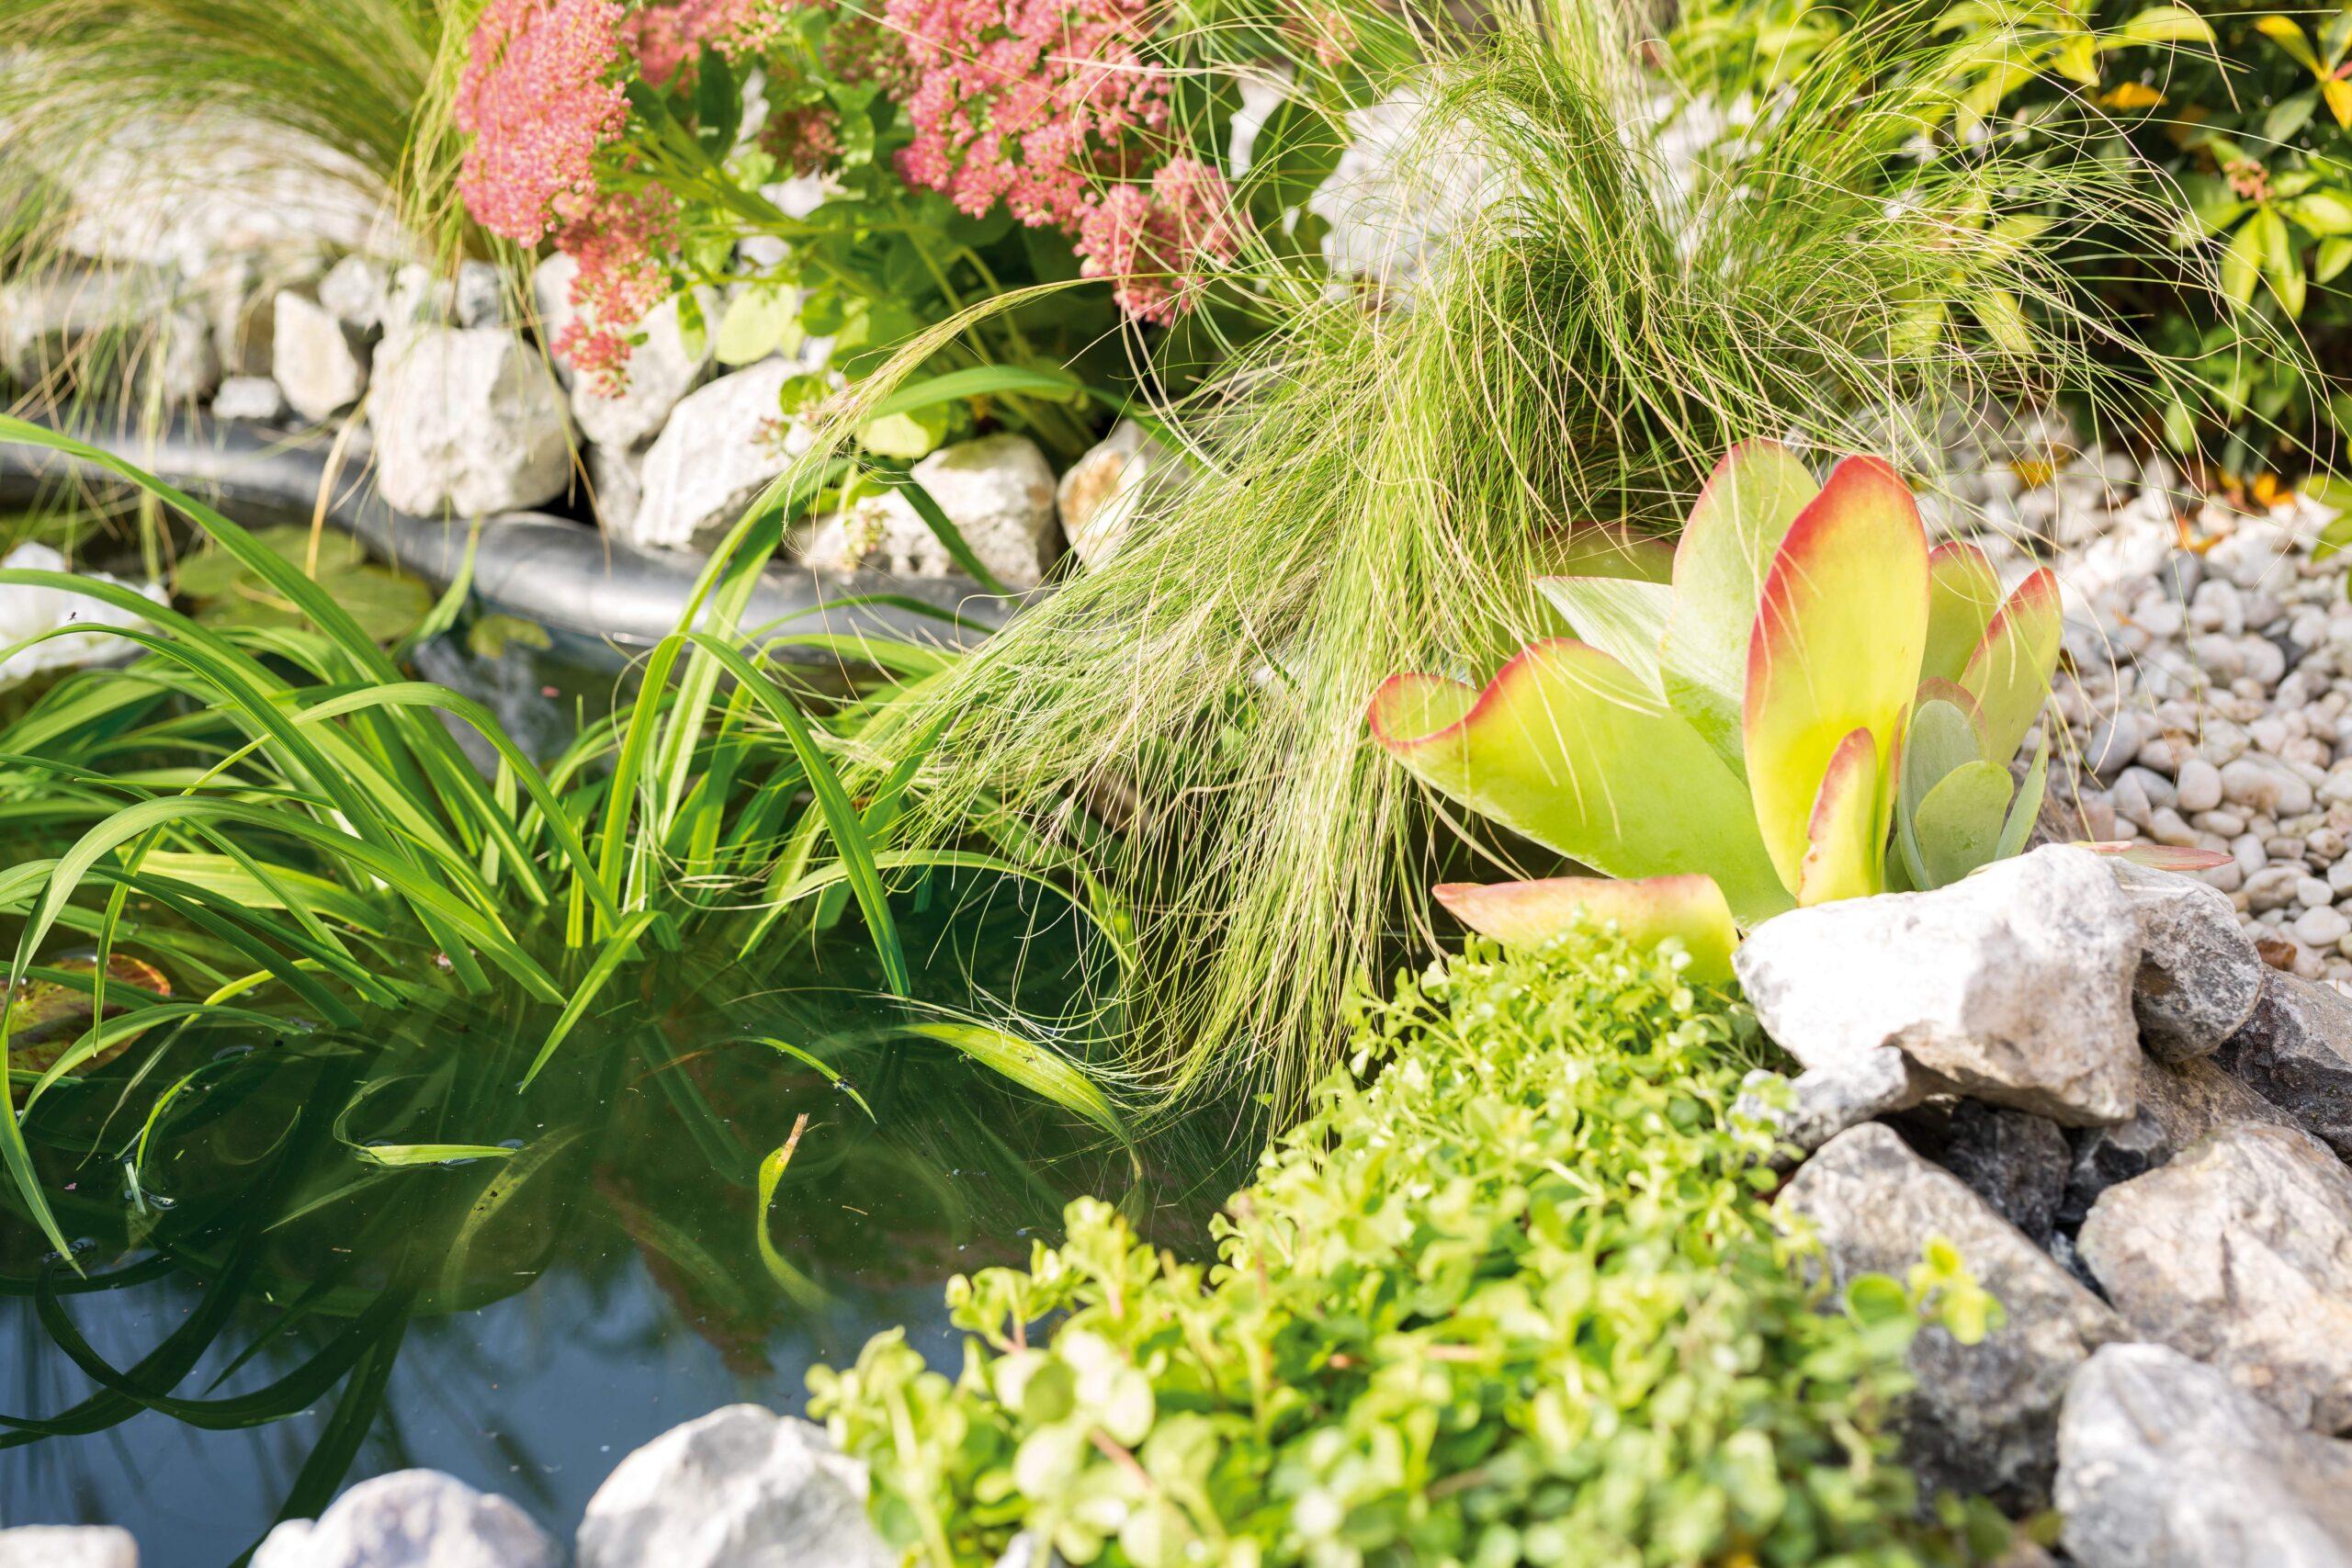 Full Size of Solar Springbrunnen Obi Brunnen Einbauküche Nobilia Fenster Küche Mobile Immobilienmakler Baden Regale Immobilien Bad Homburg Wohnzimmer Solar Springbrunnen Obi